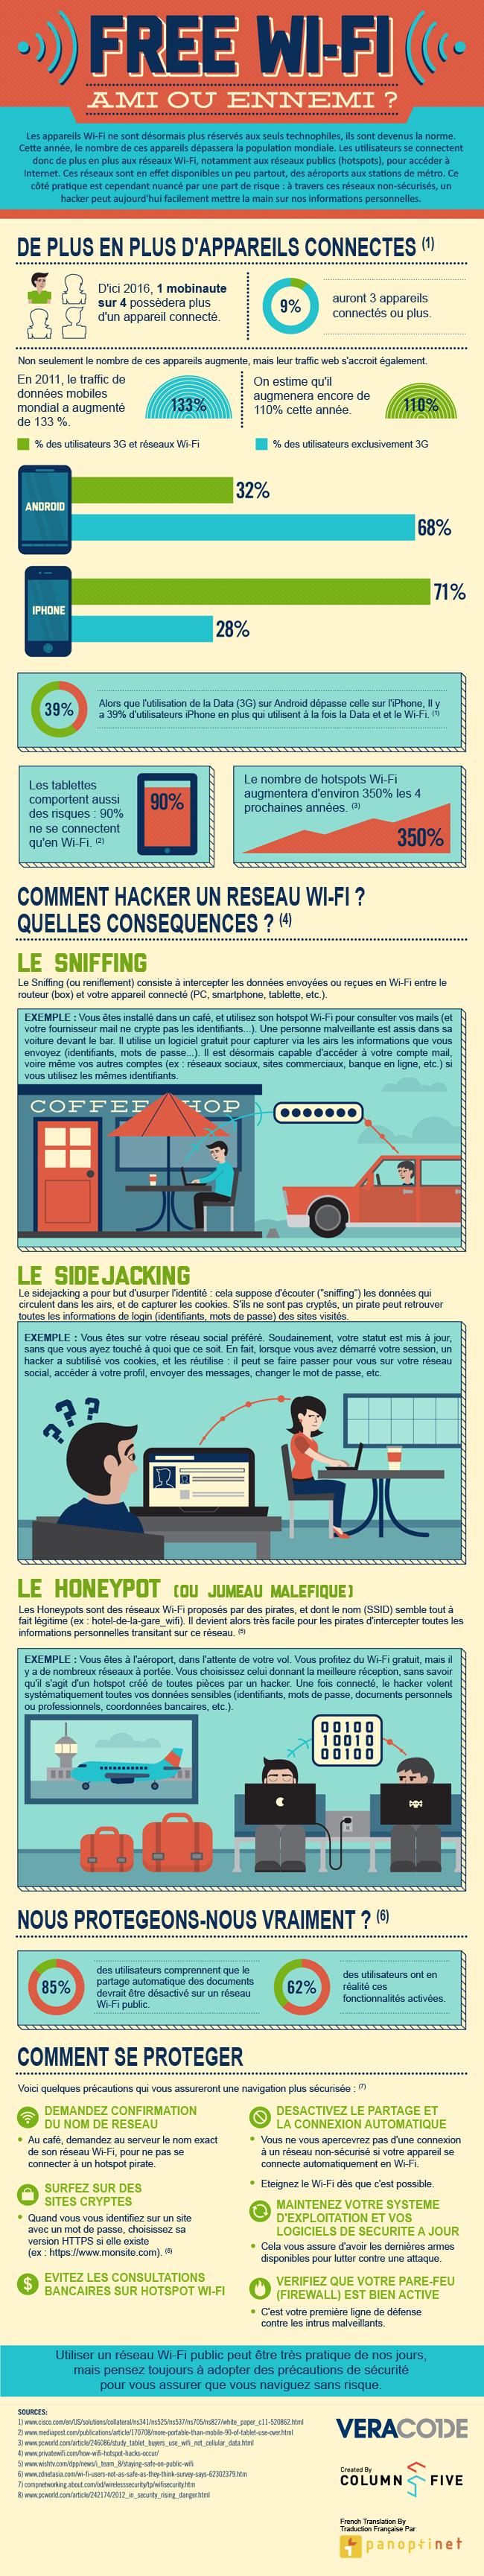 Infographie sur les risques des hotspots Wi-Fi et les précautions à respecter